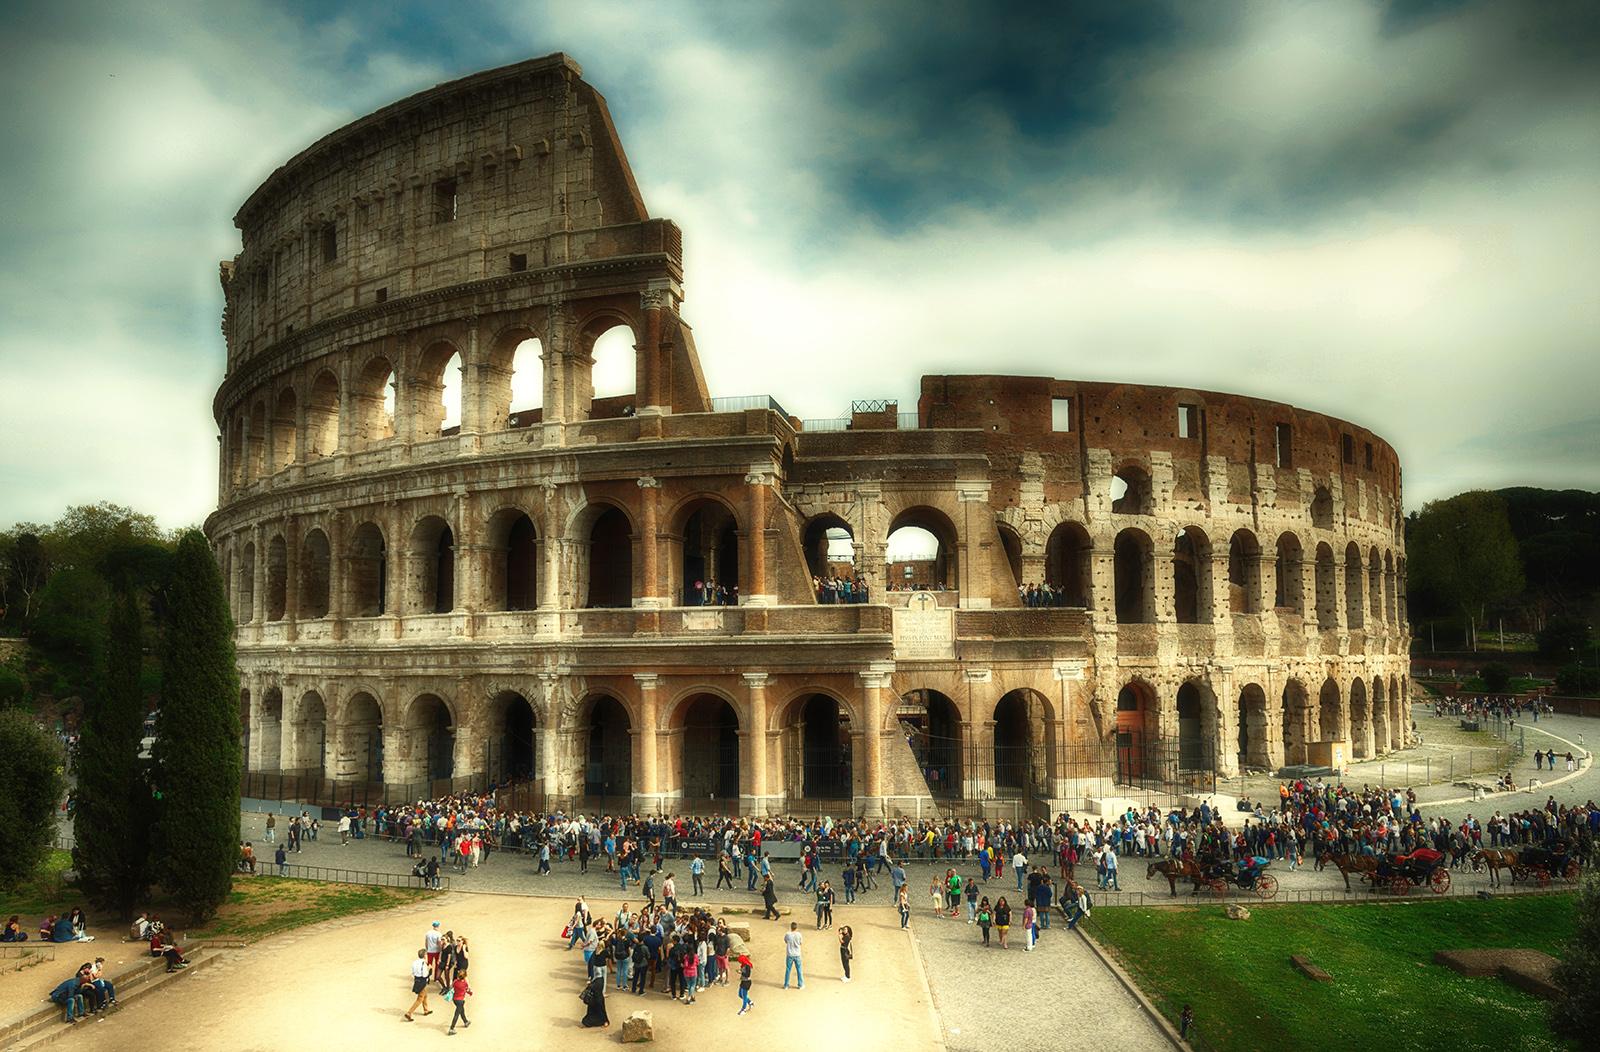 wallpaper : roma, rom, rome, kolosseum, colosseo, coliseum, italien